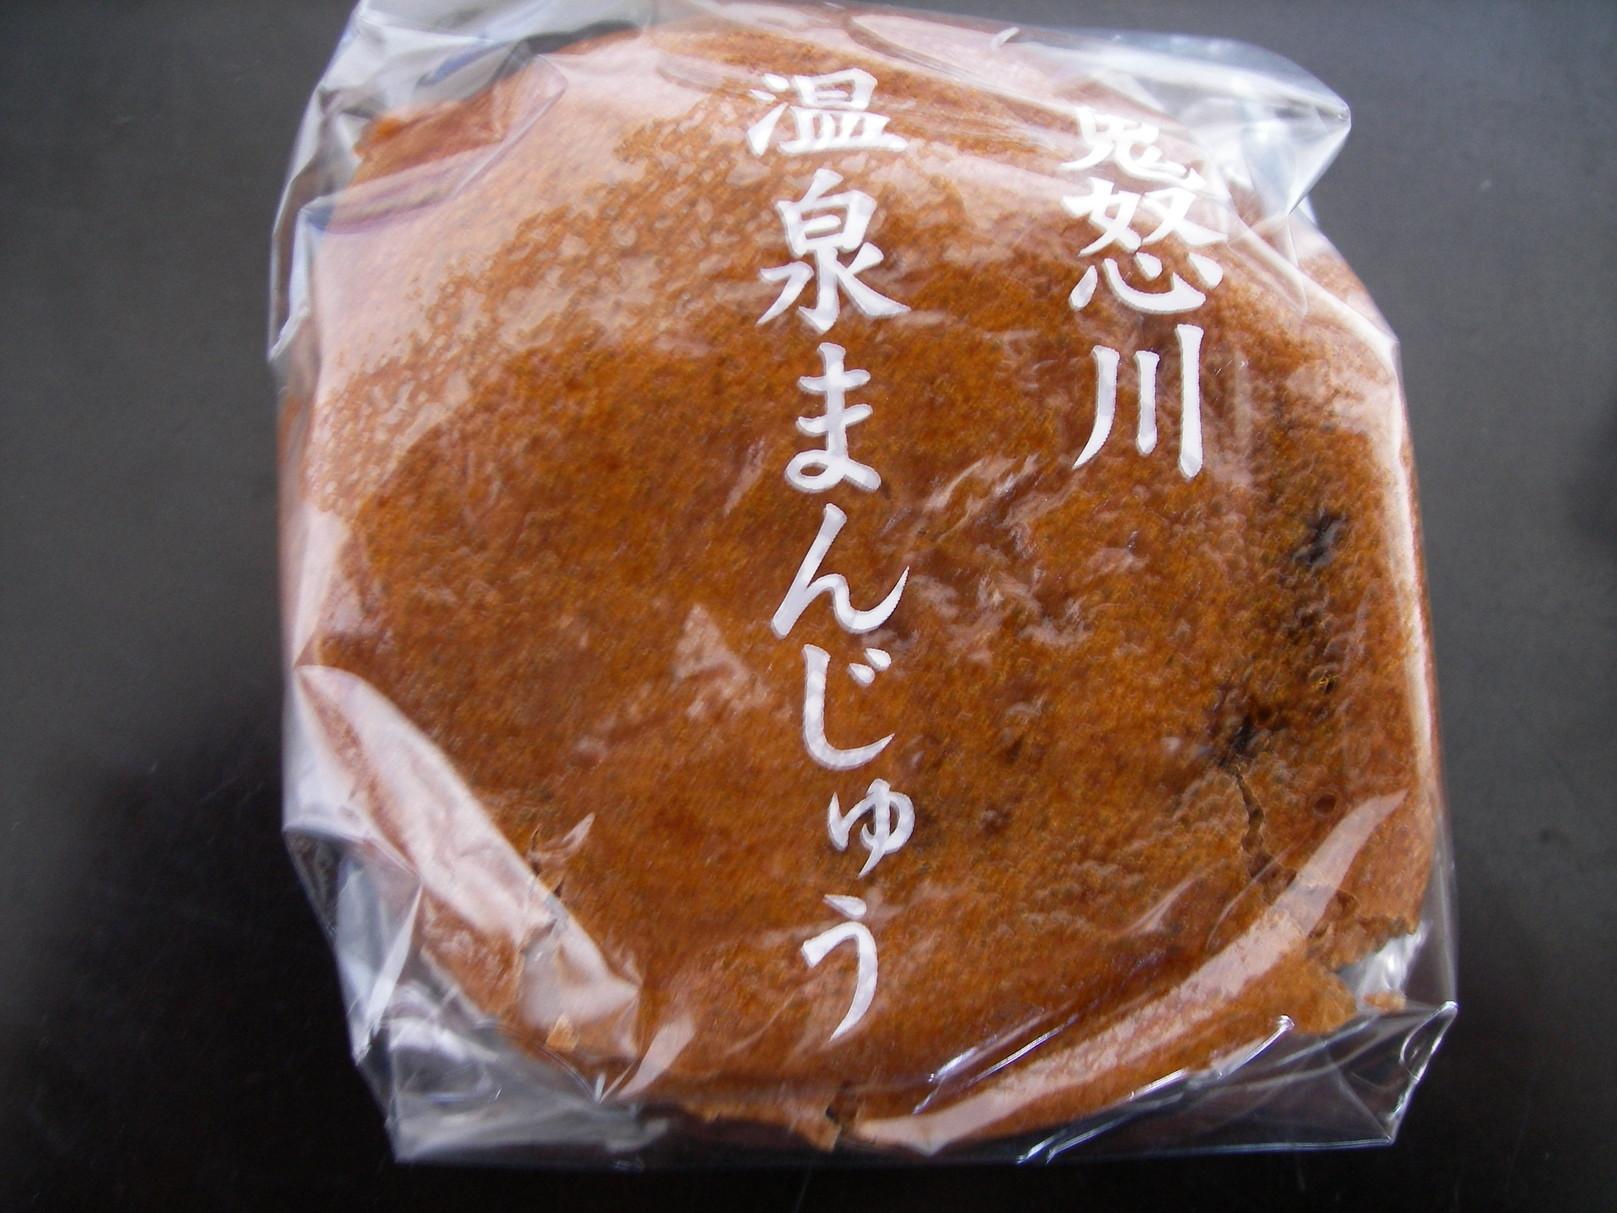 かめや物産店 name=